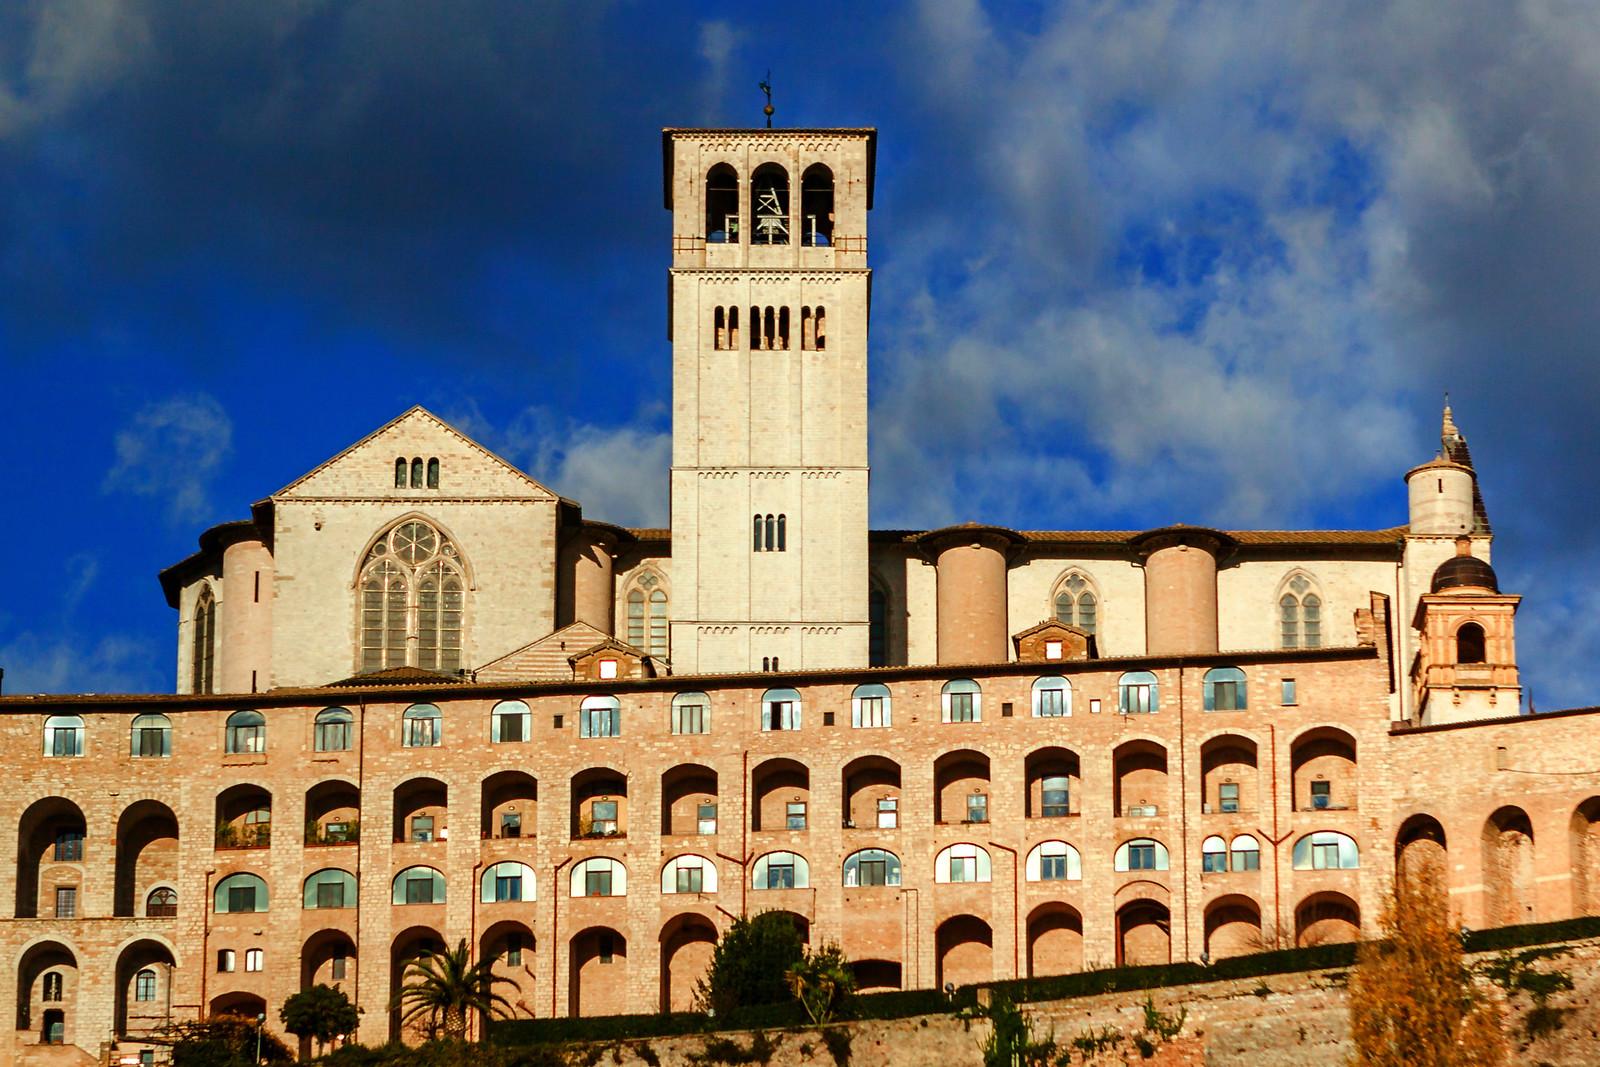 意大利阿西西(Assisi), 千年古城第一眼